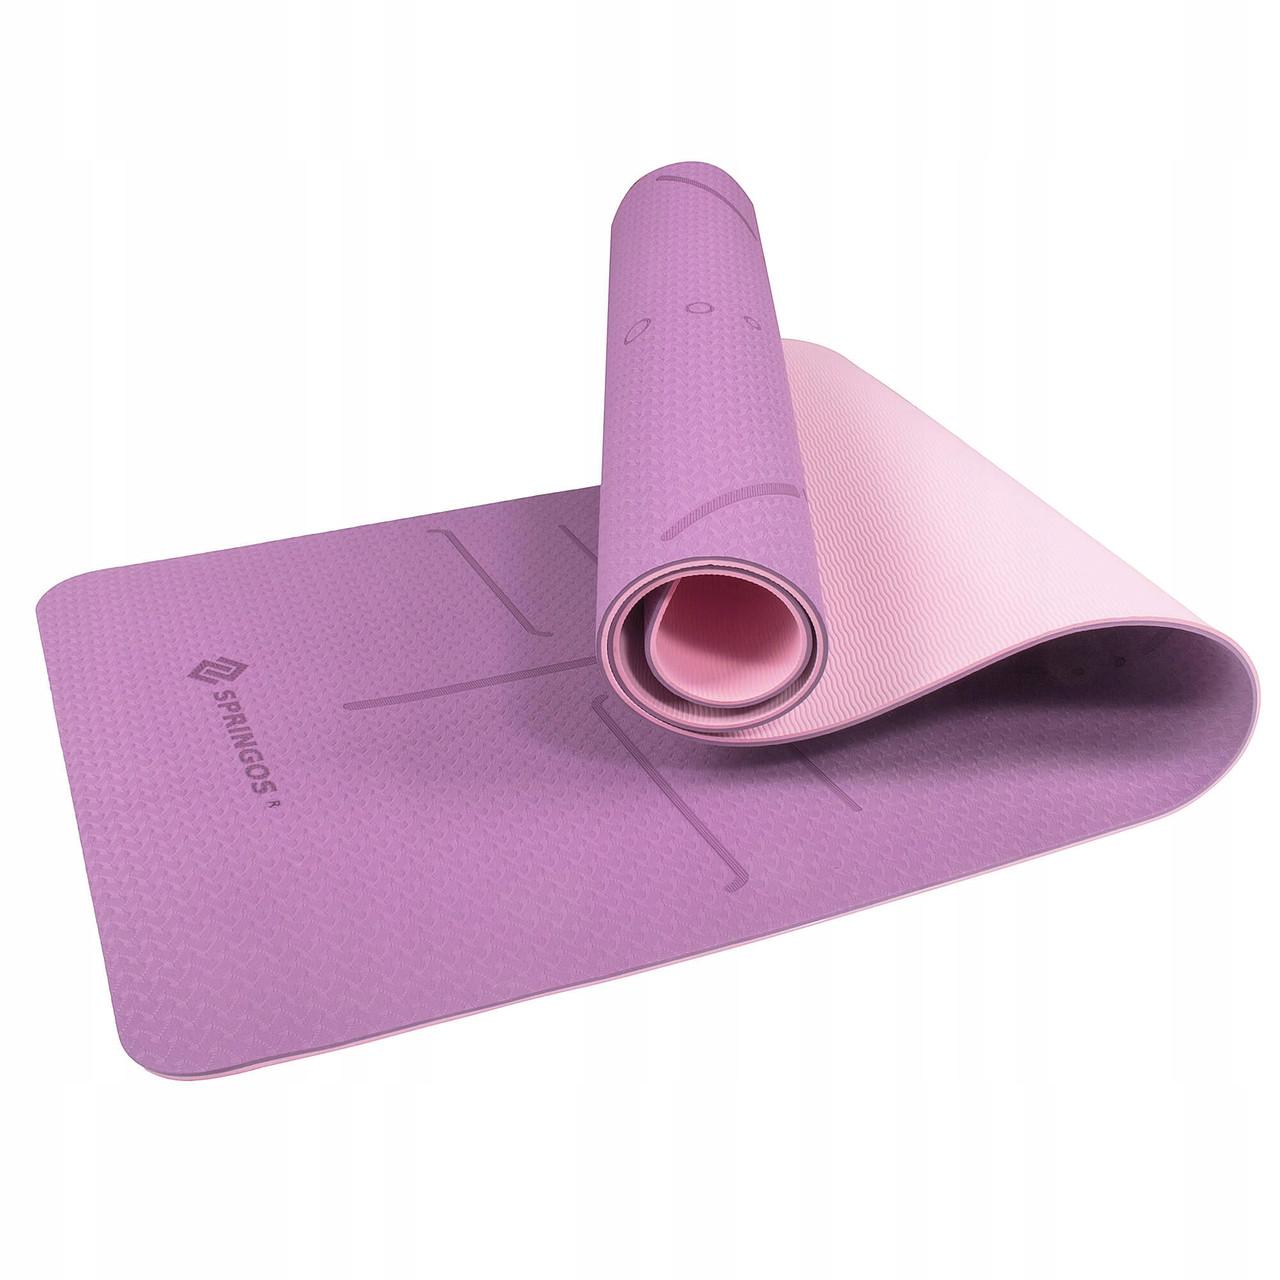 Коврик (мат) для йоги и фитнеса Springos TPE 6 мм YG0015 фиолетовый. Спортивный коврик для дома